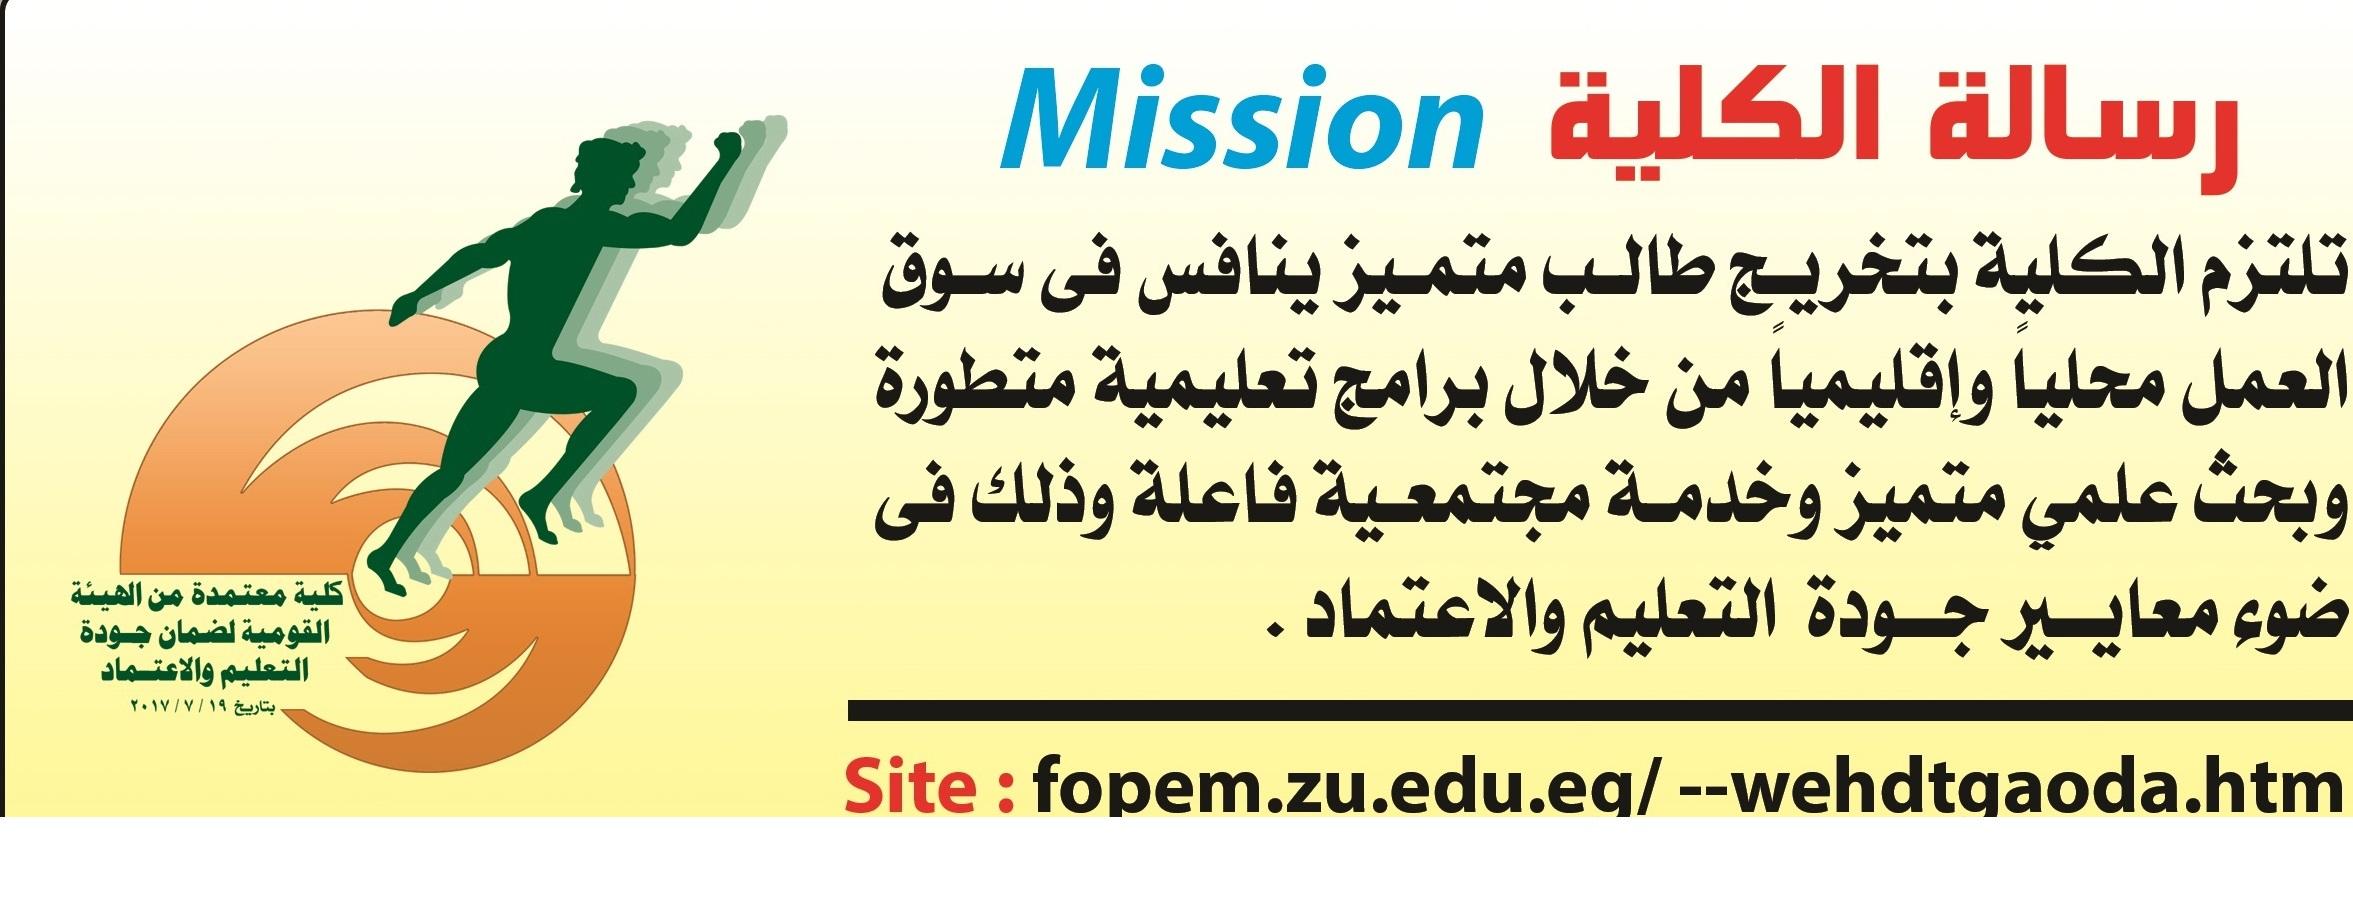 رسالة الكلية mission